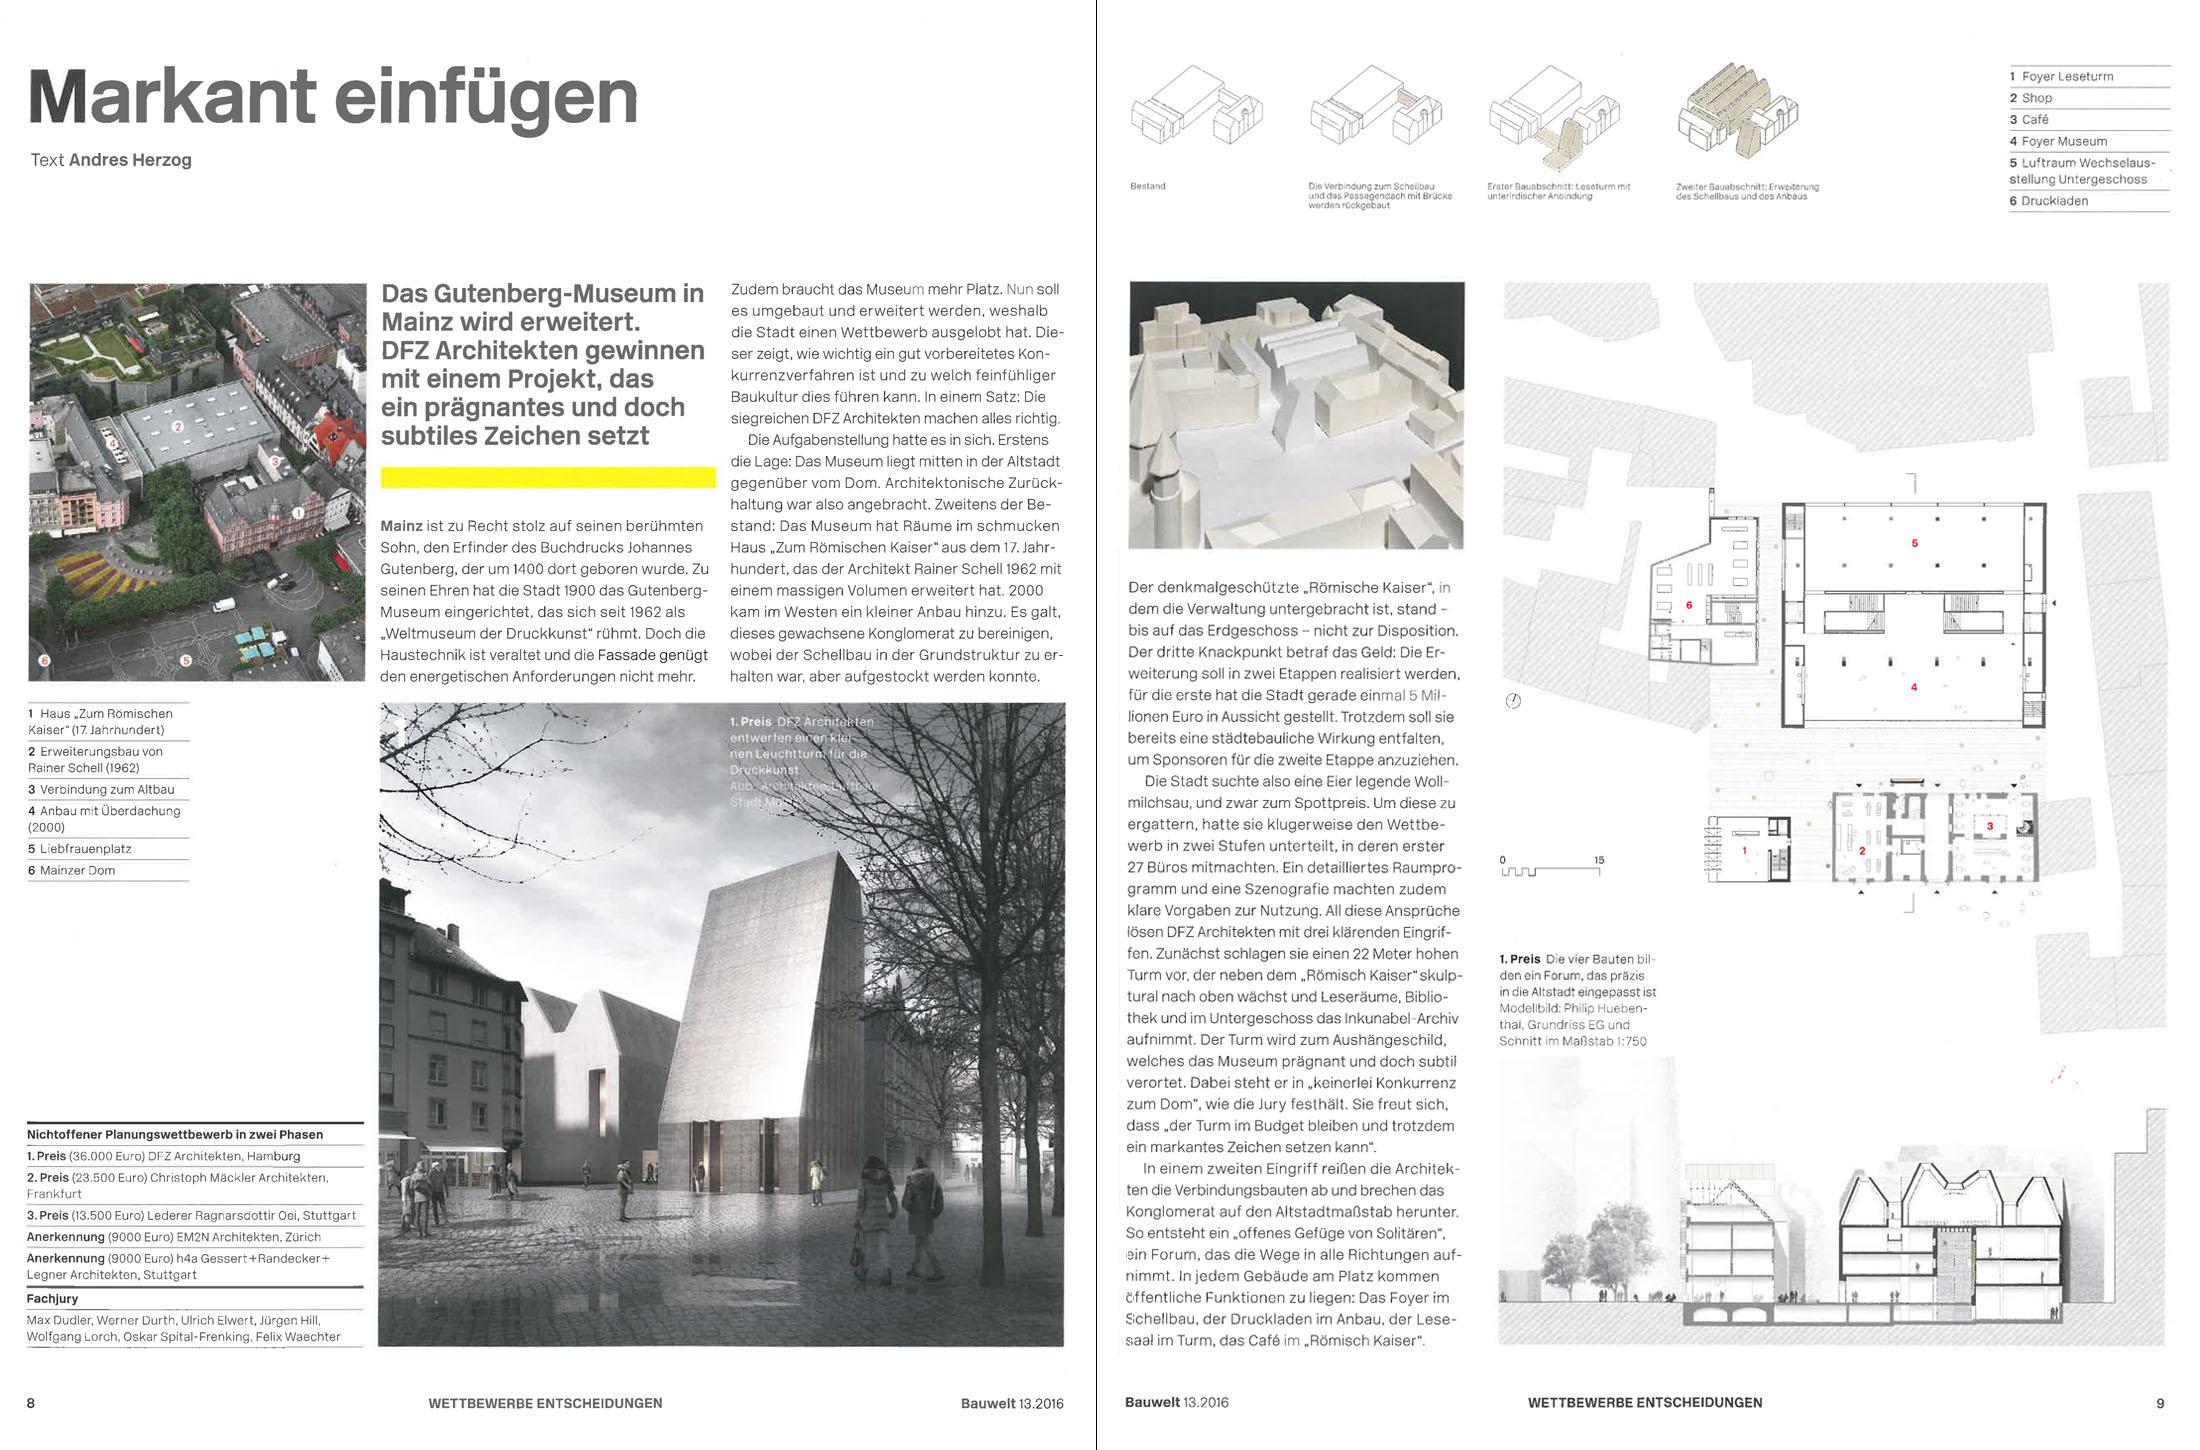 bauwelt 13 2016 gutenberg museum mainz dfz architekten. Black Bedroom Furniture Sets. Home Design Ideas